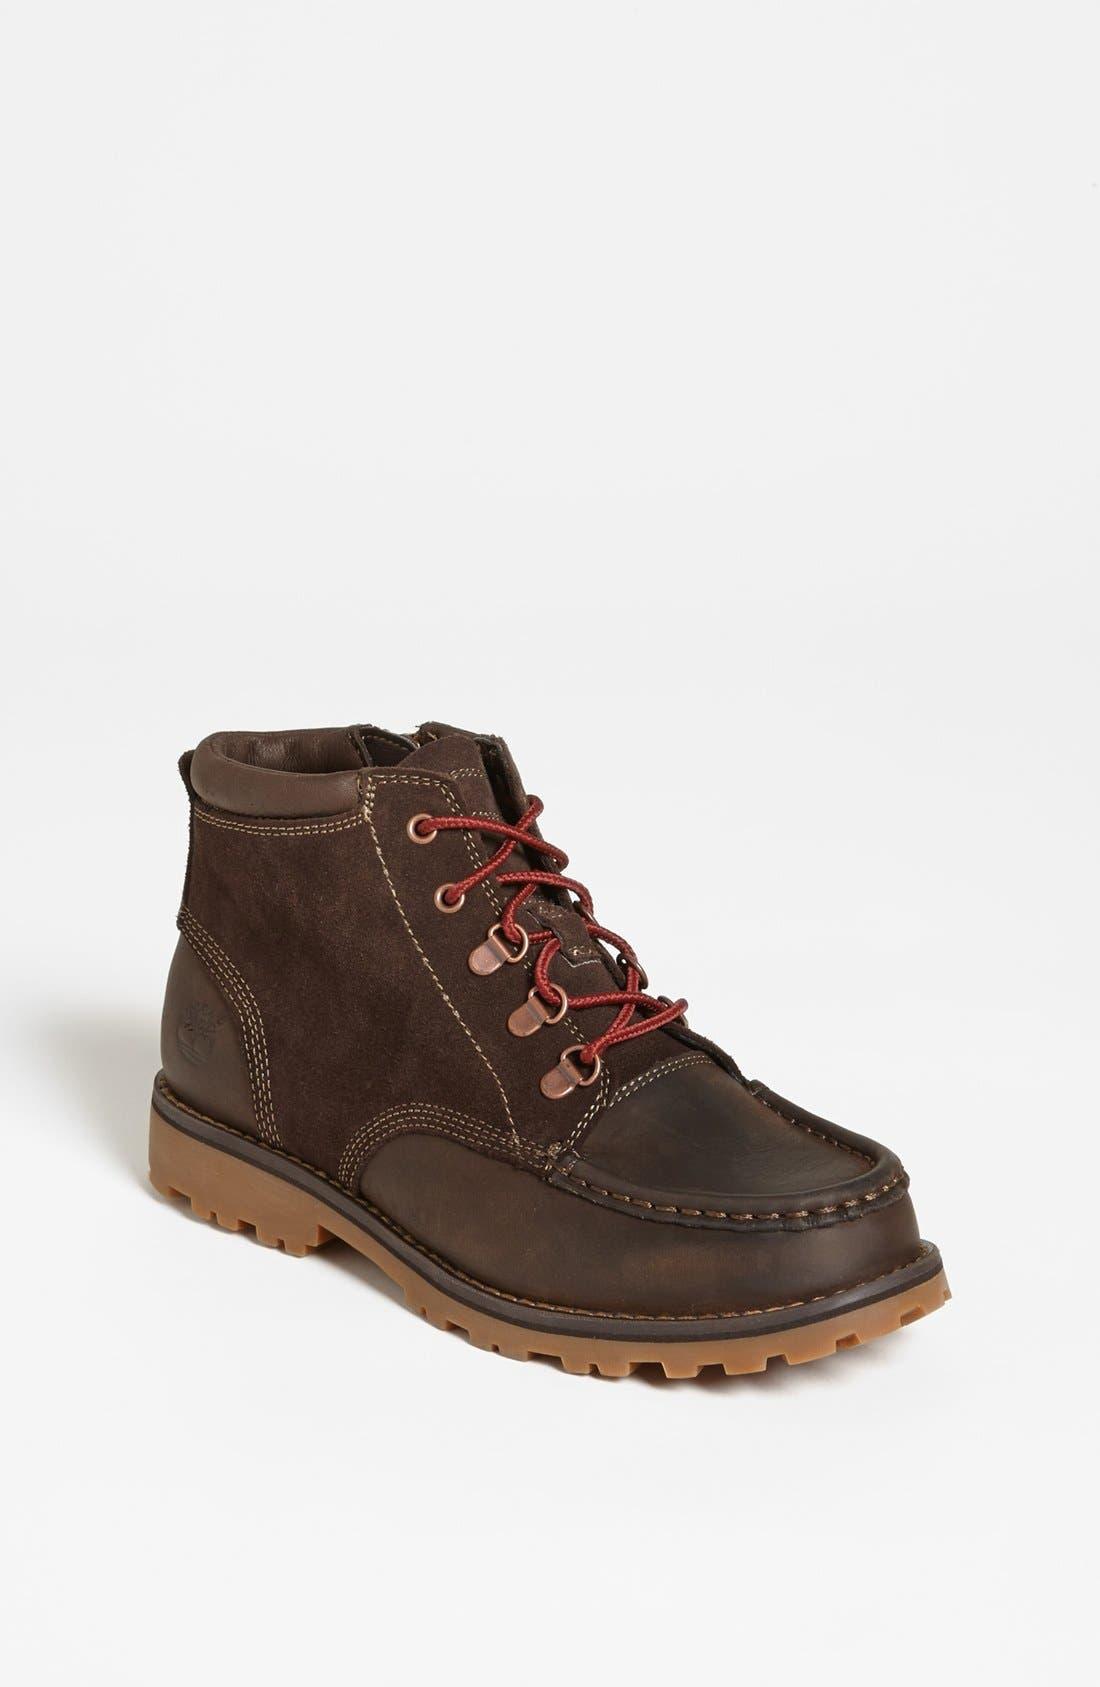 Alternate Image 1 Selected - Timberland Earthkeepers® 'Asphalt' Boot (Little Kid & Big Kid)